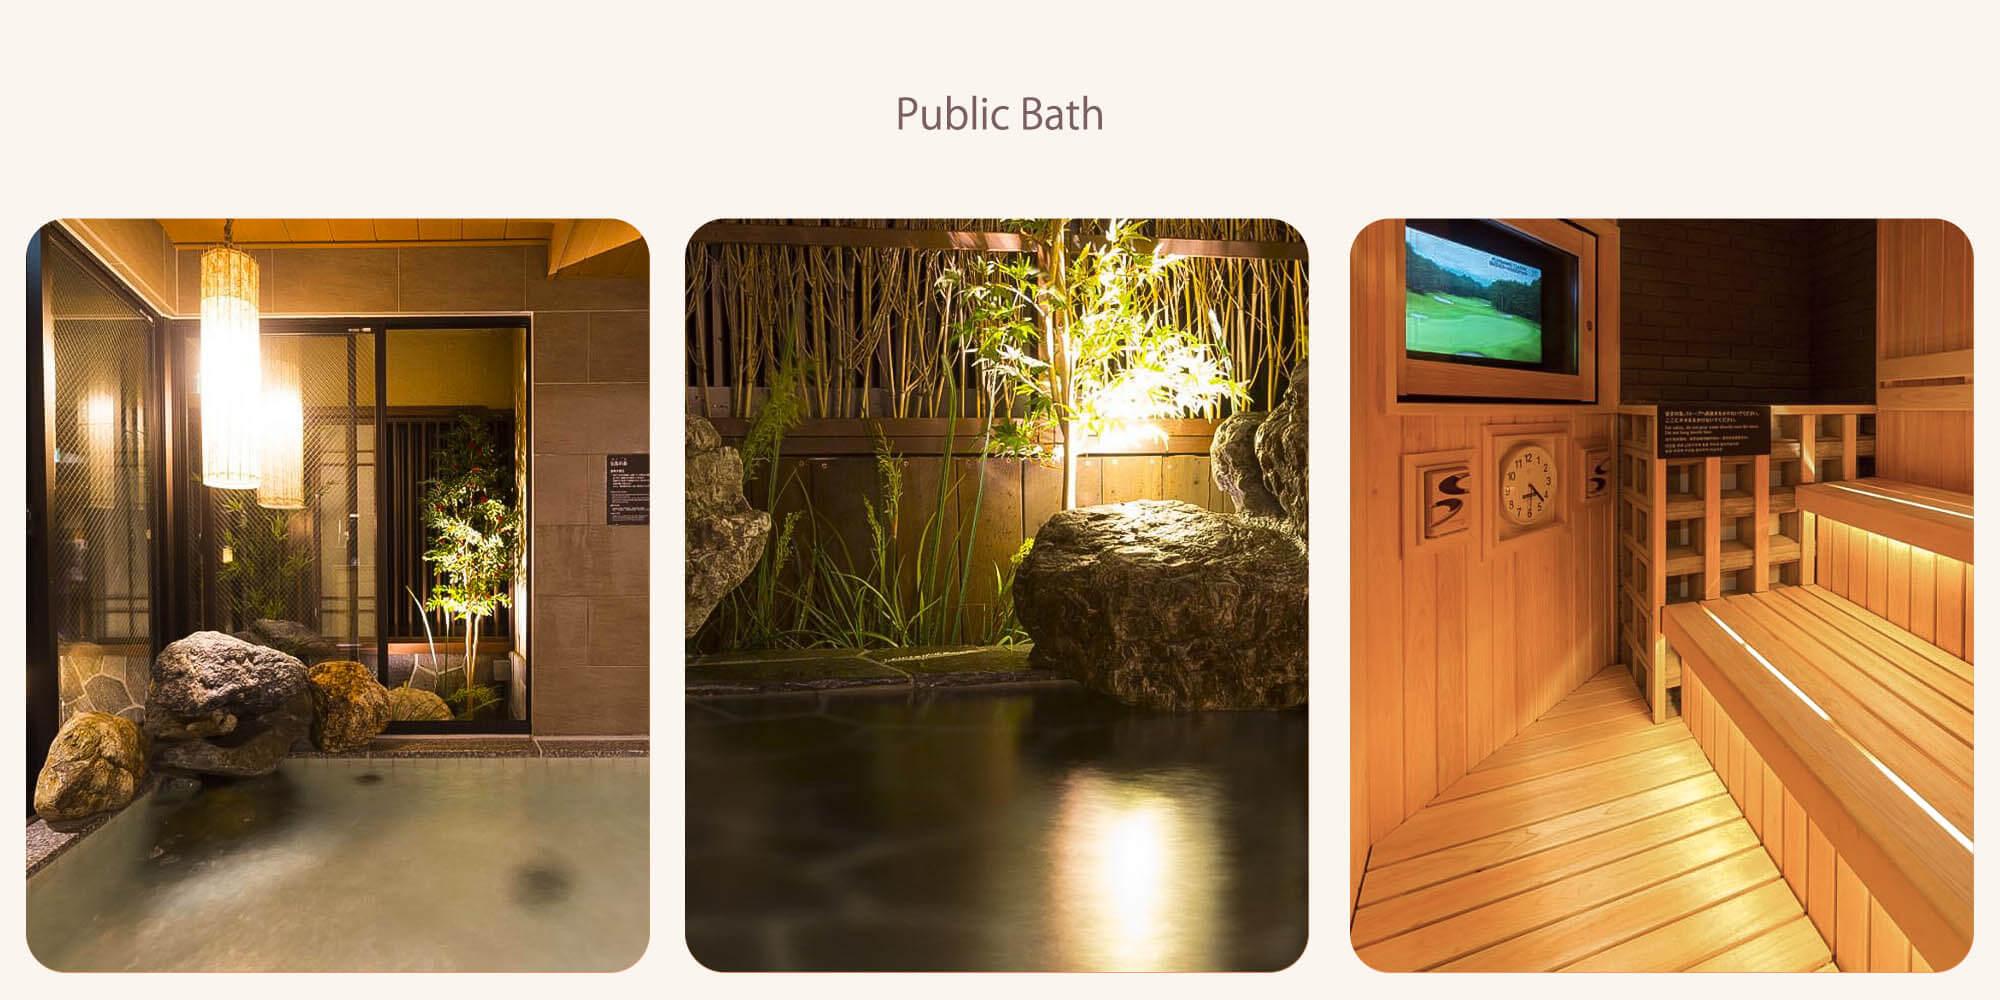 Dormyinn日本橋_大眾浴池2